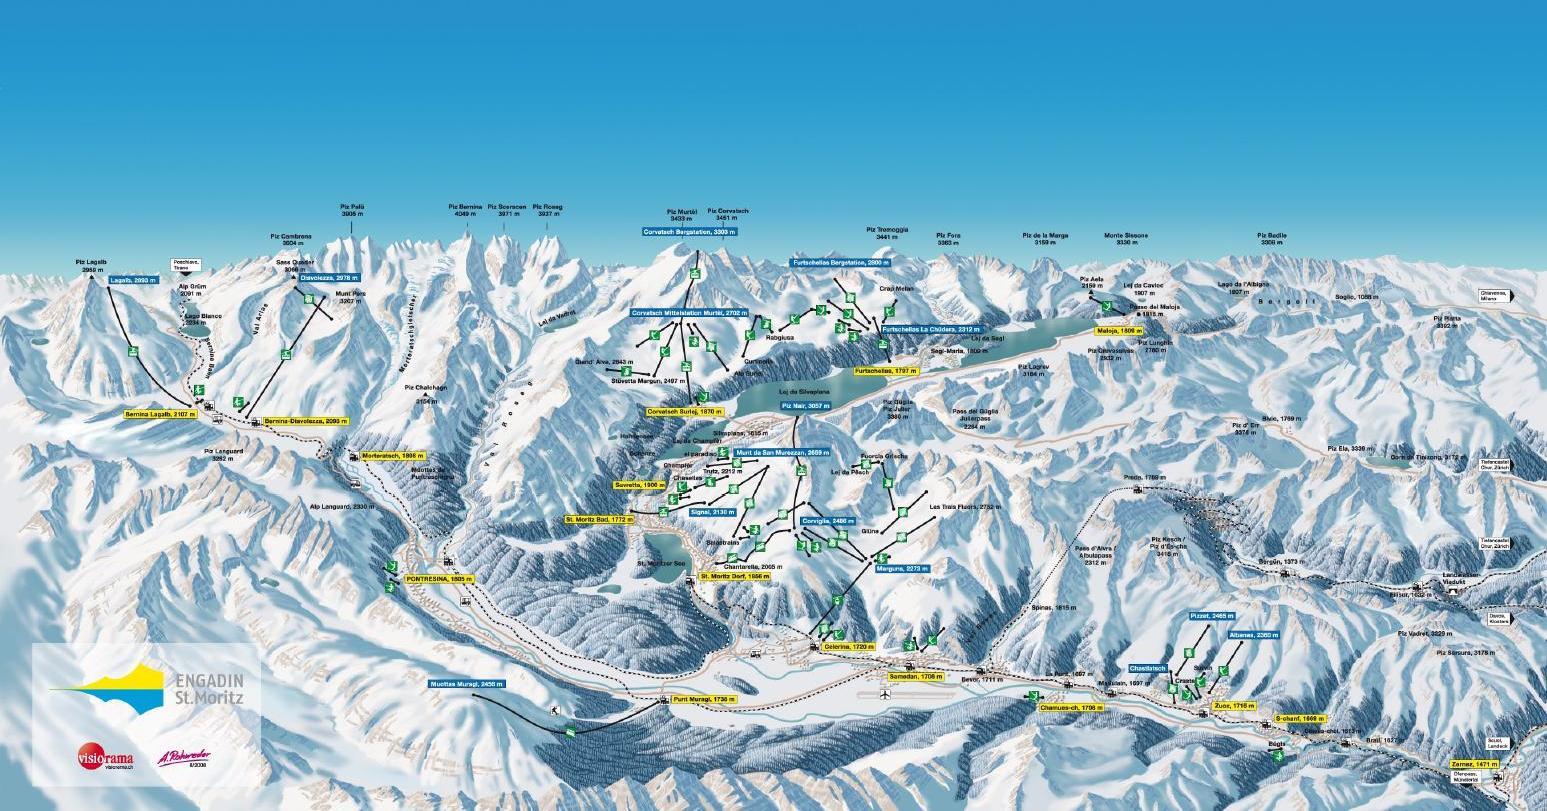 http://www.snow-online.de/skigebiet/engadin-st-moritz/pistenplan.html